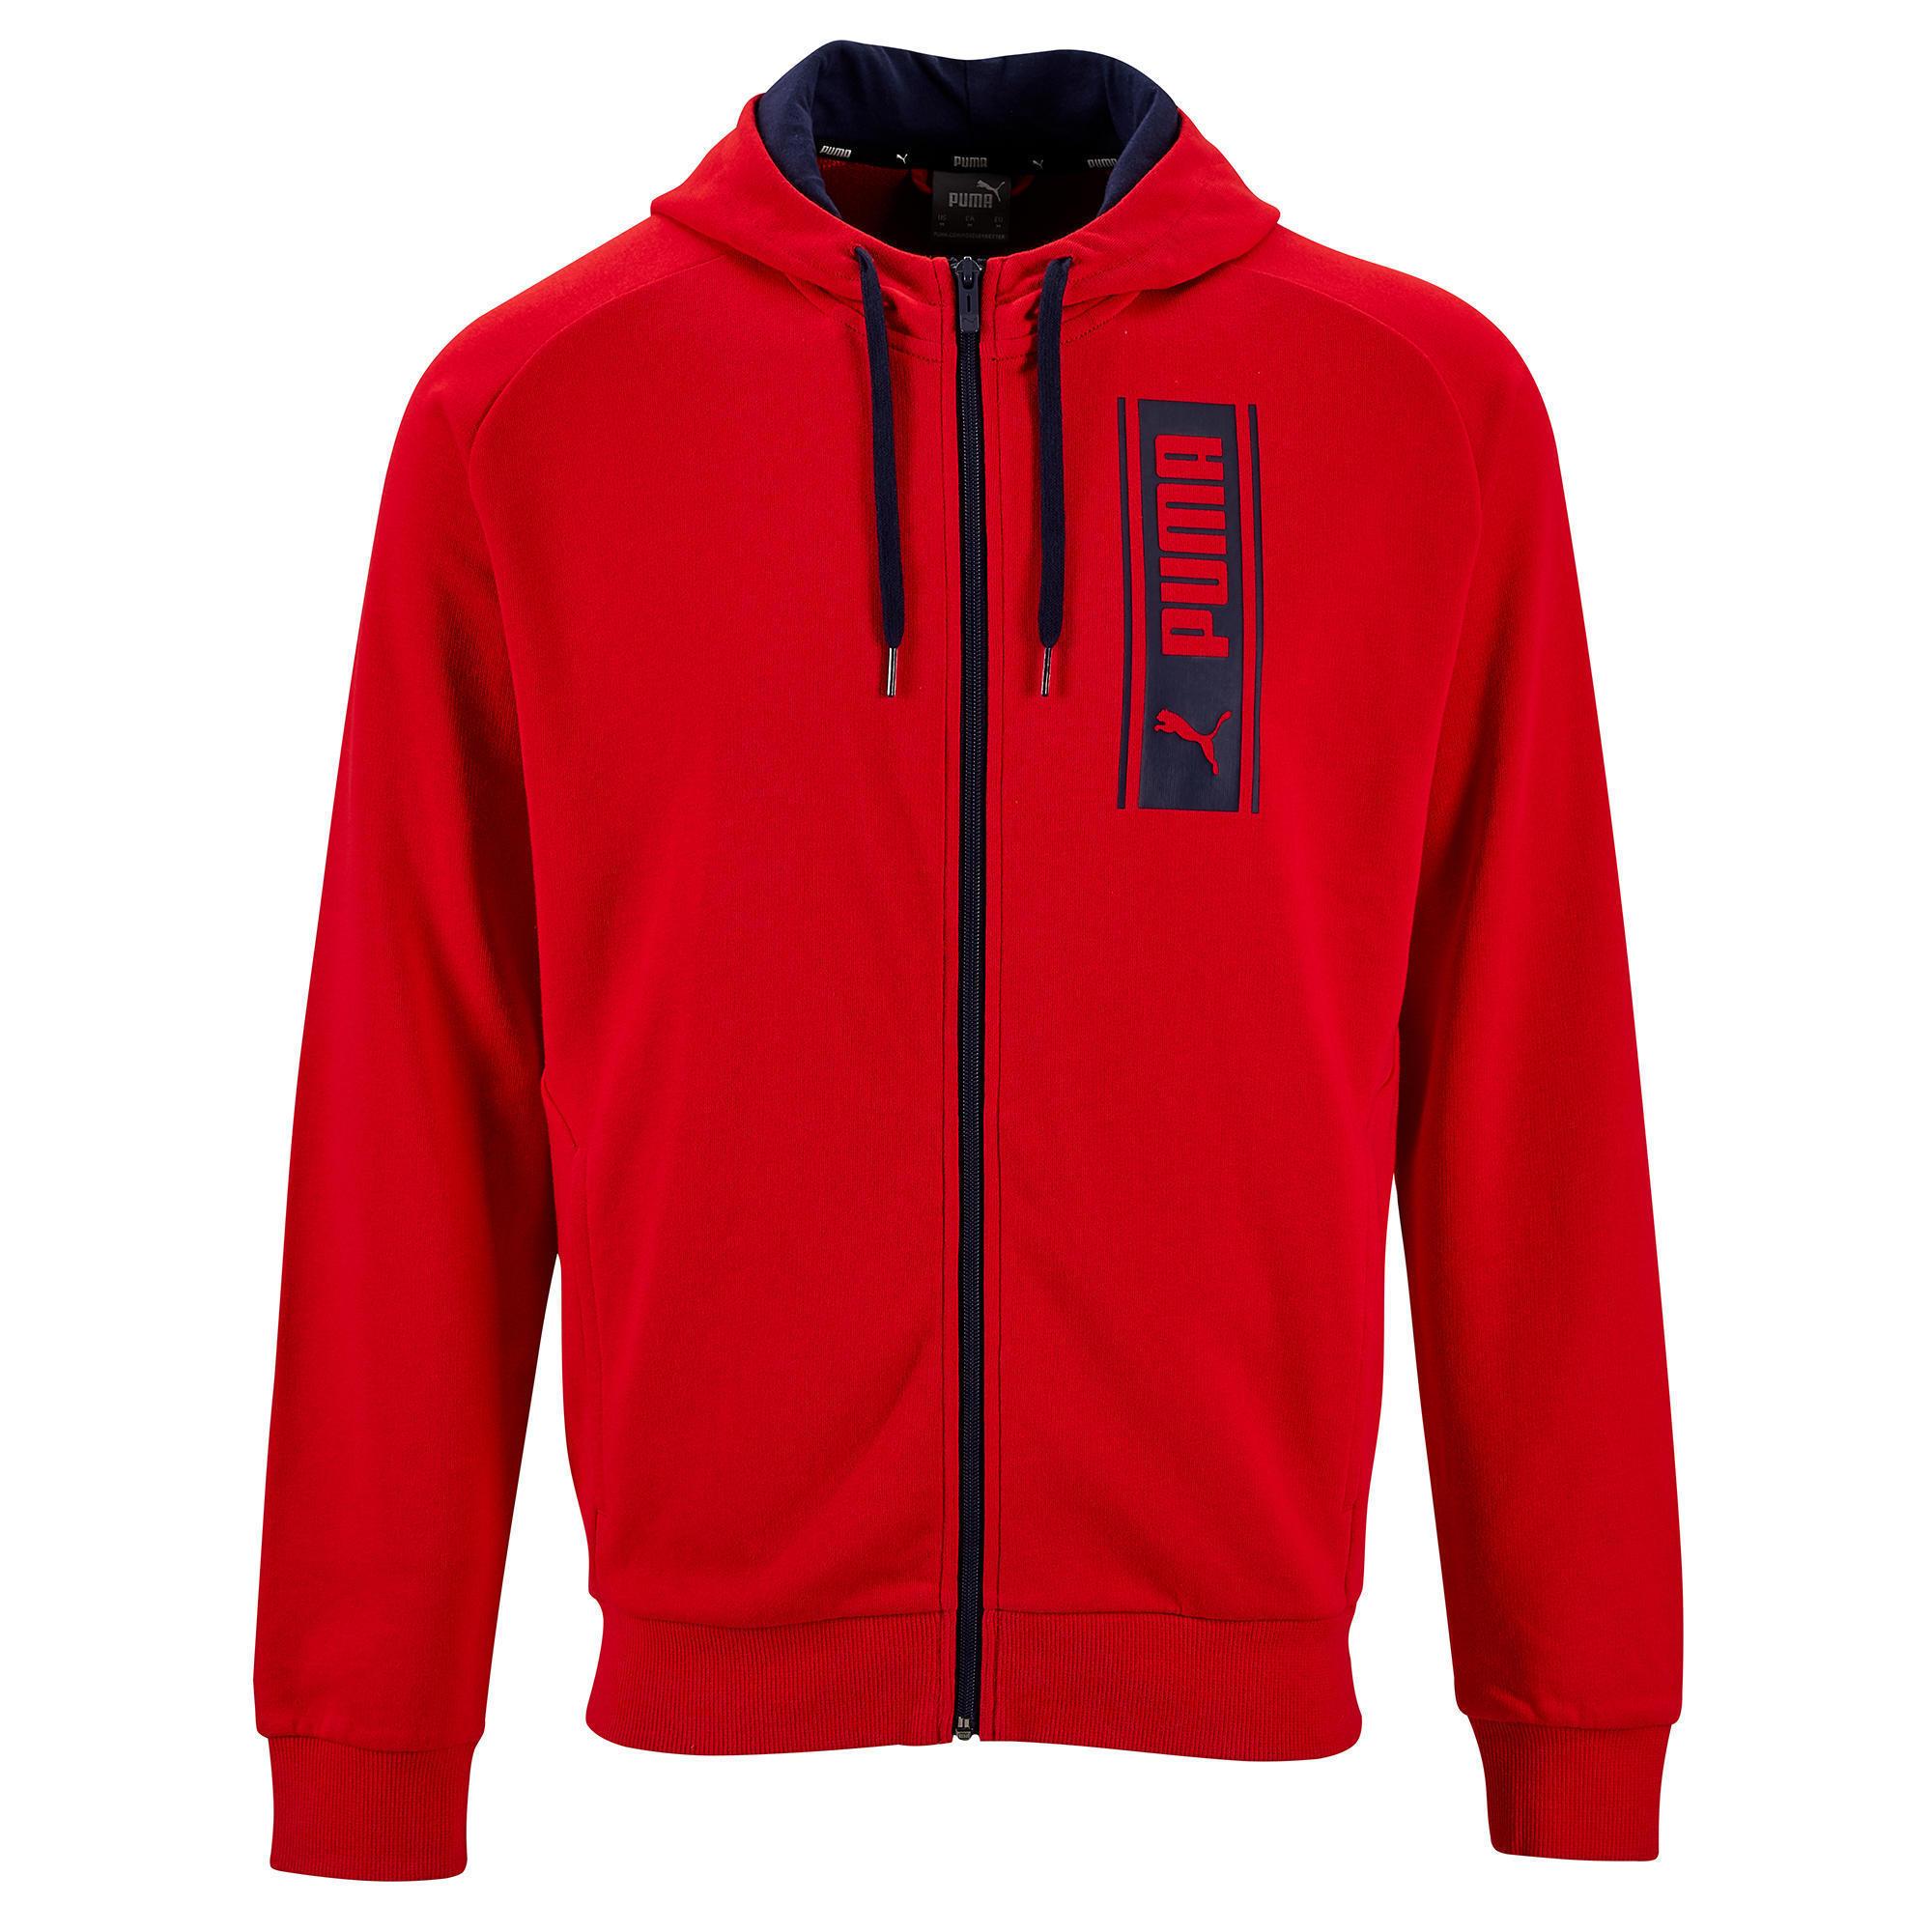 Vestes Veste à Capuche Puma Homme 500 Rouge